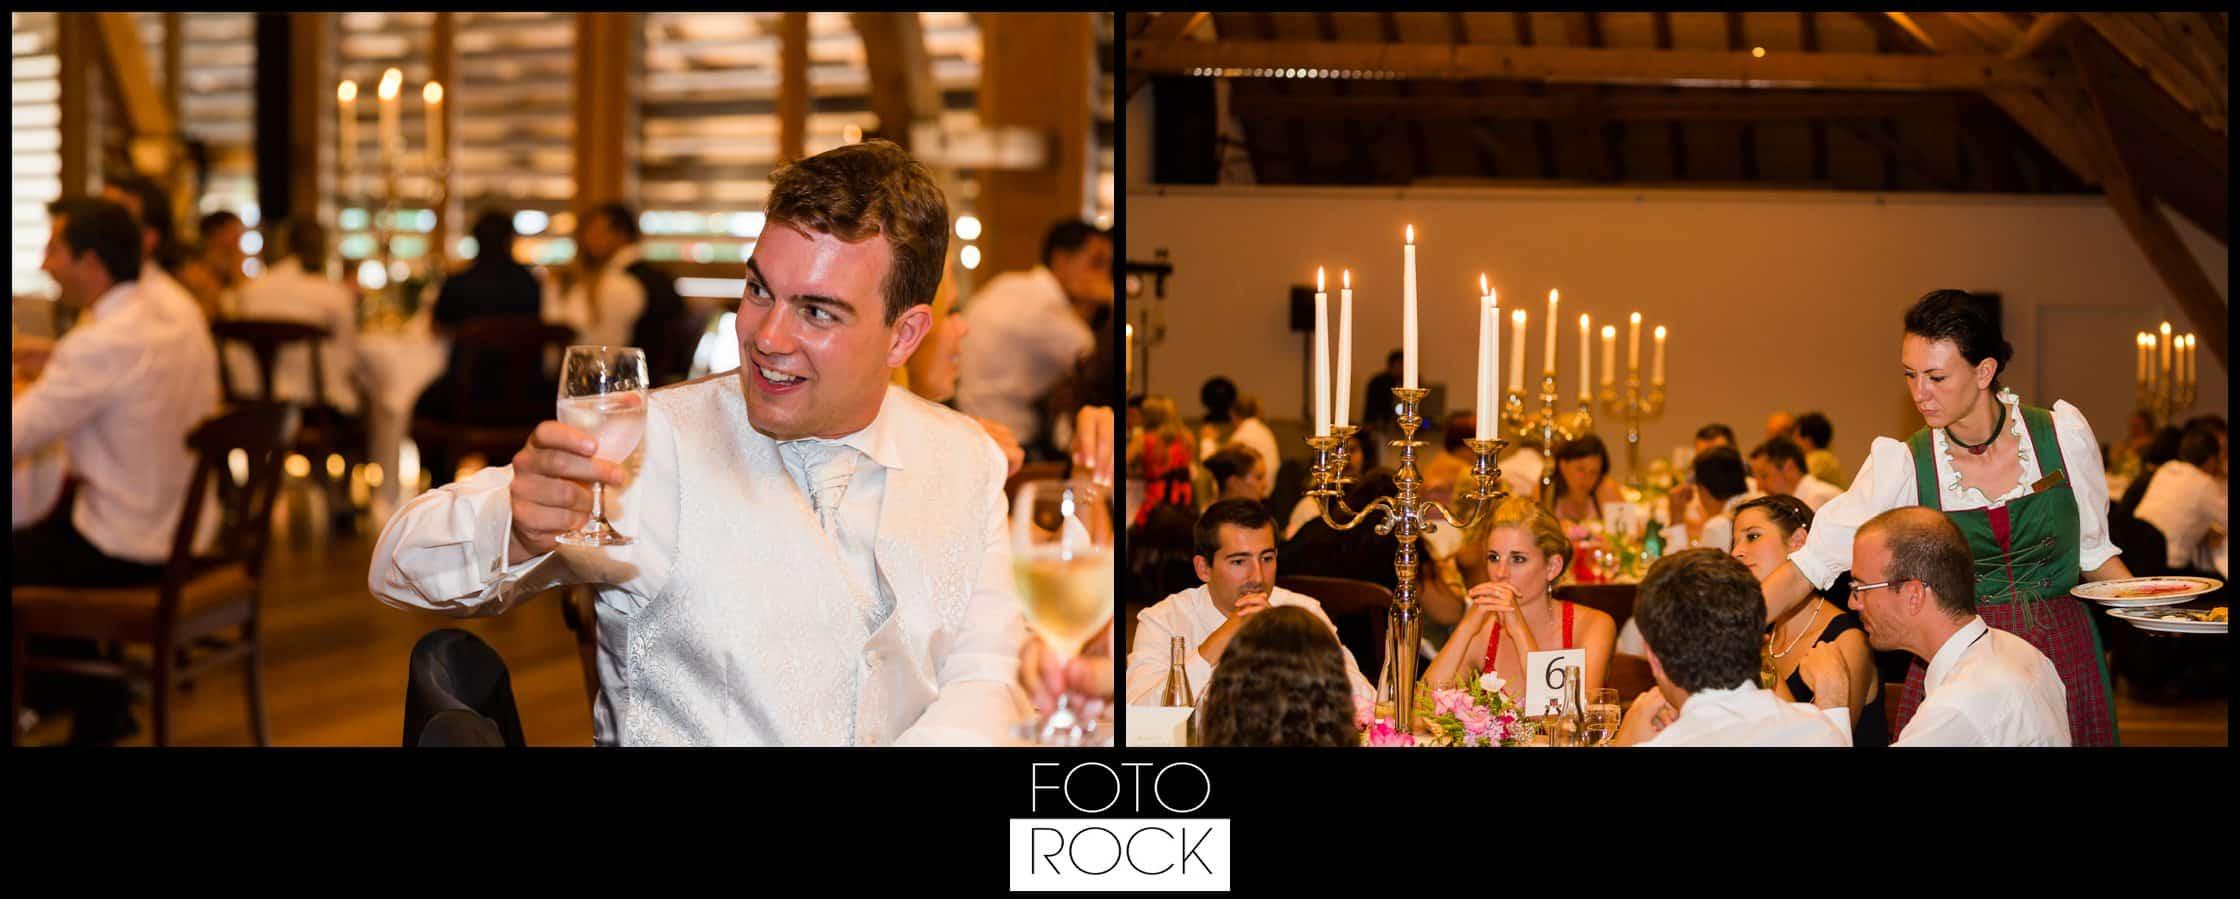 Hochzeit Rafz Albführen Gäste Location